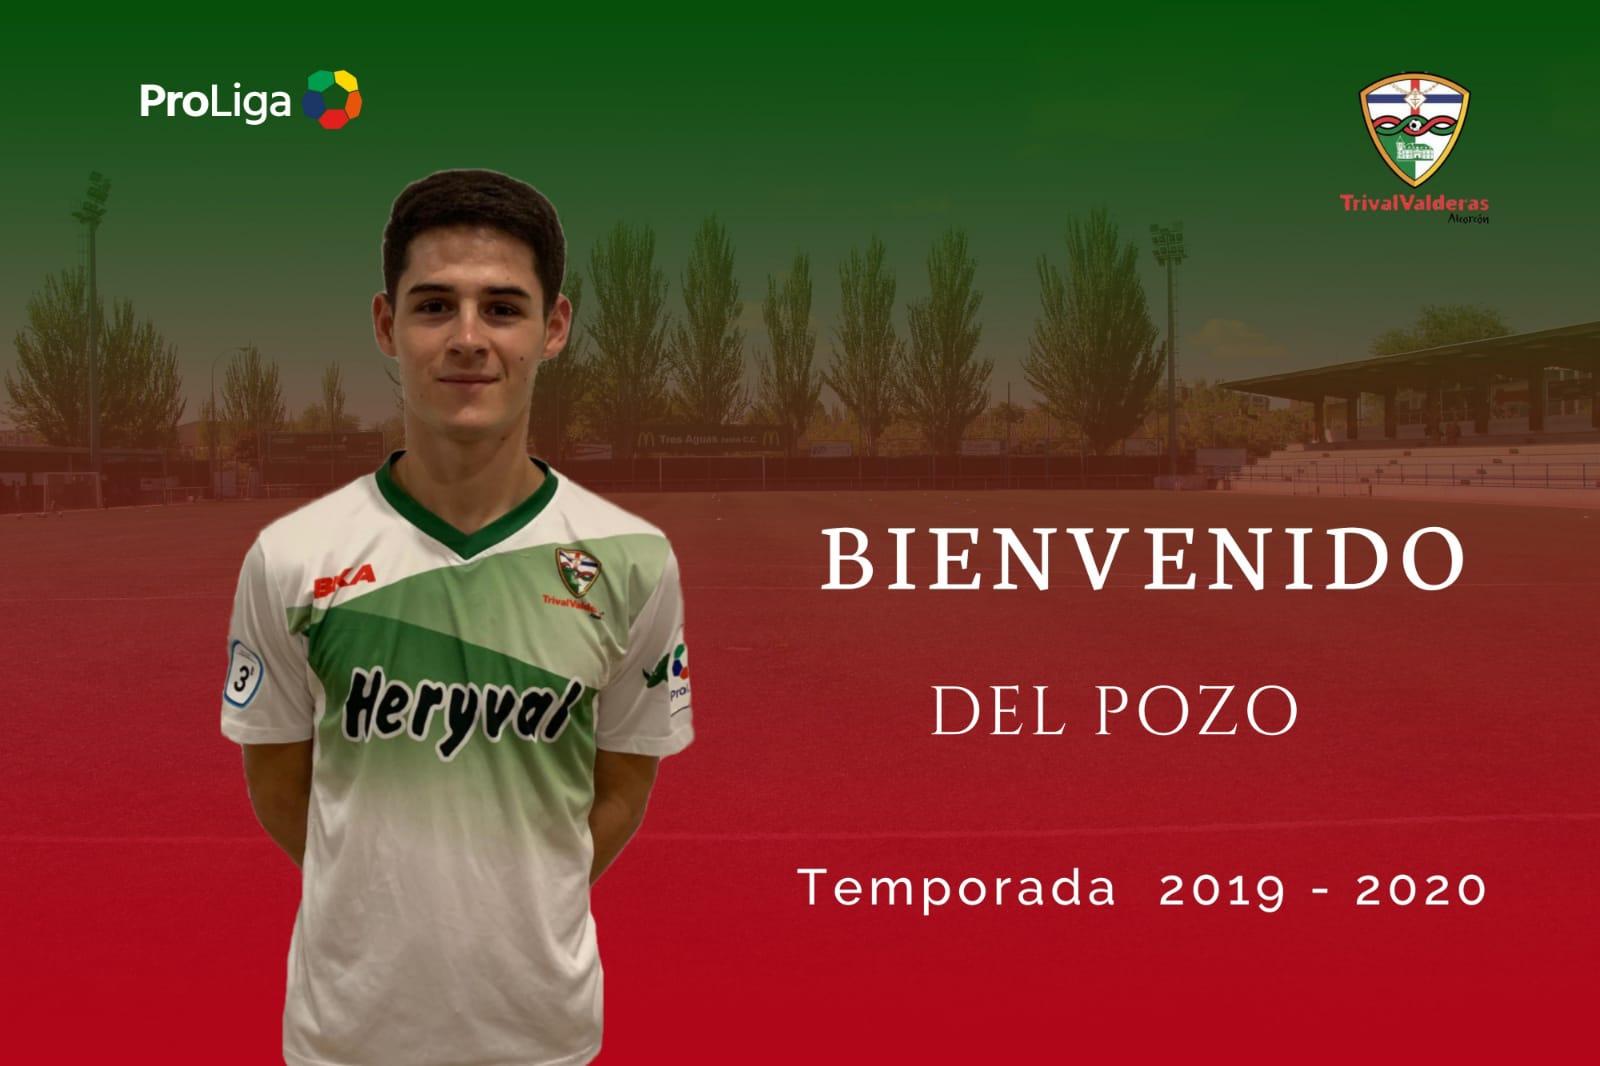 OFICIAL | Juanjo Del Pozo, undécima incorporación del Primer Equipo